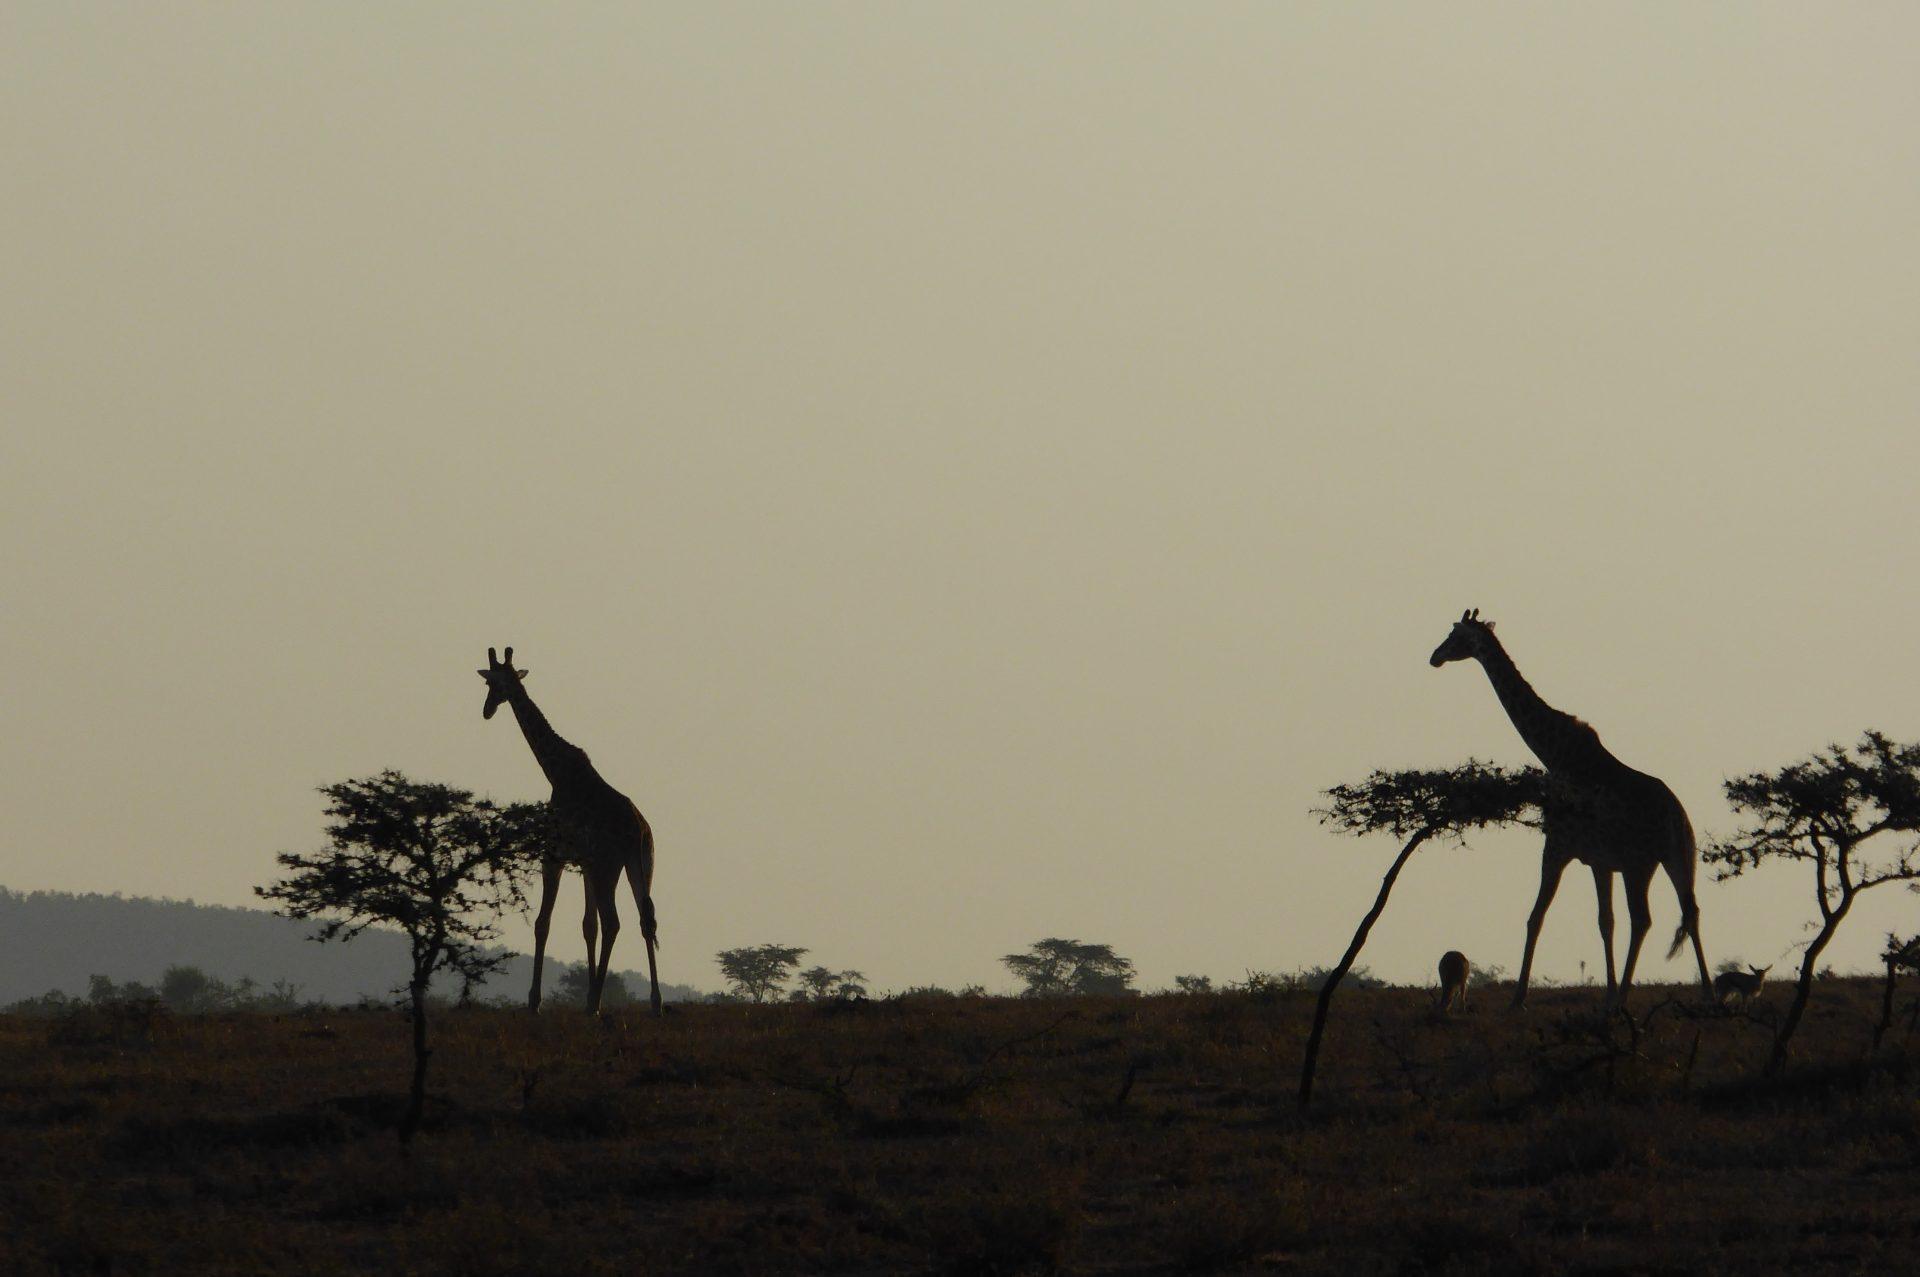 Giraffes against skyline